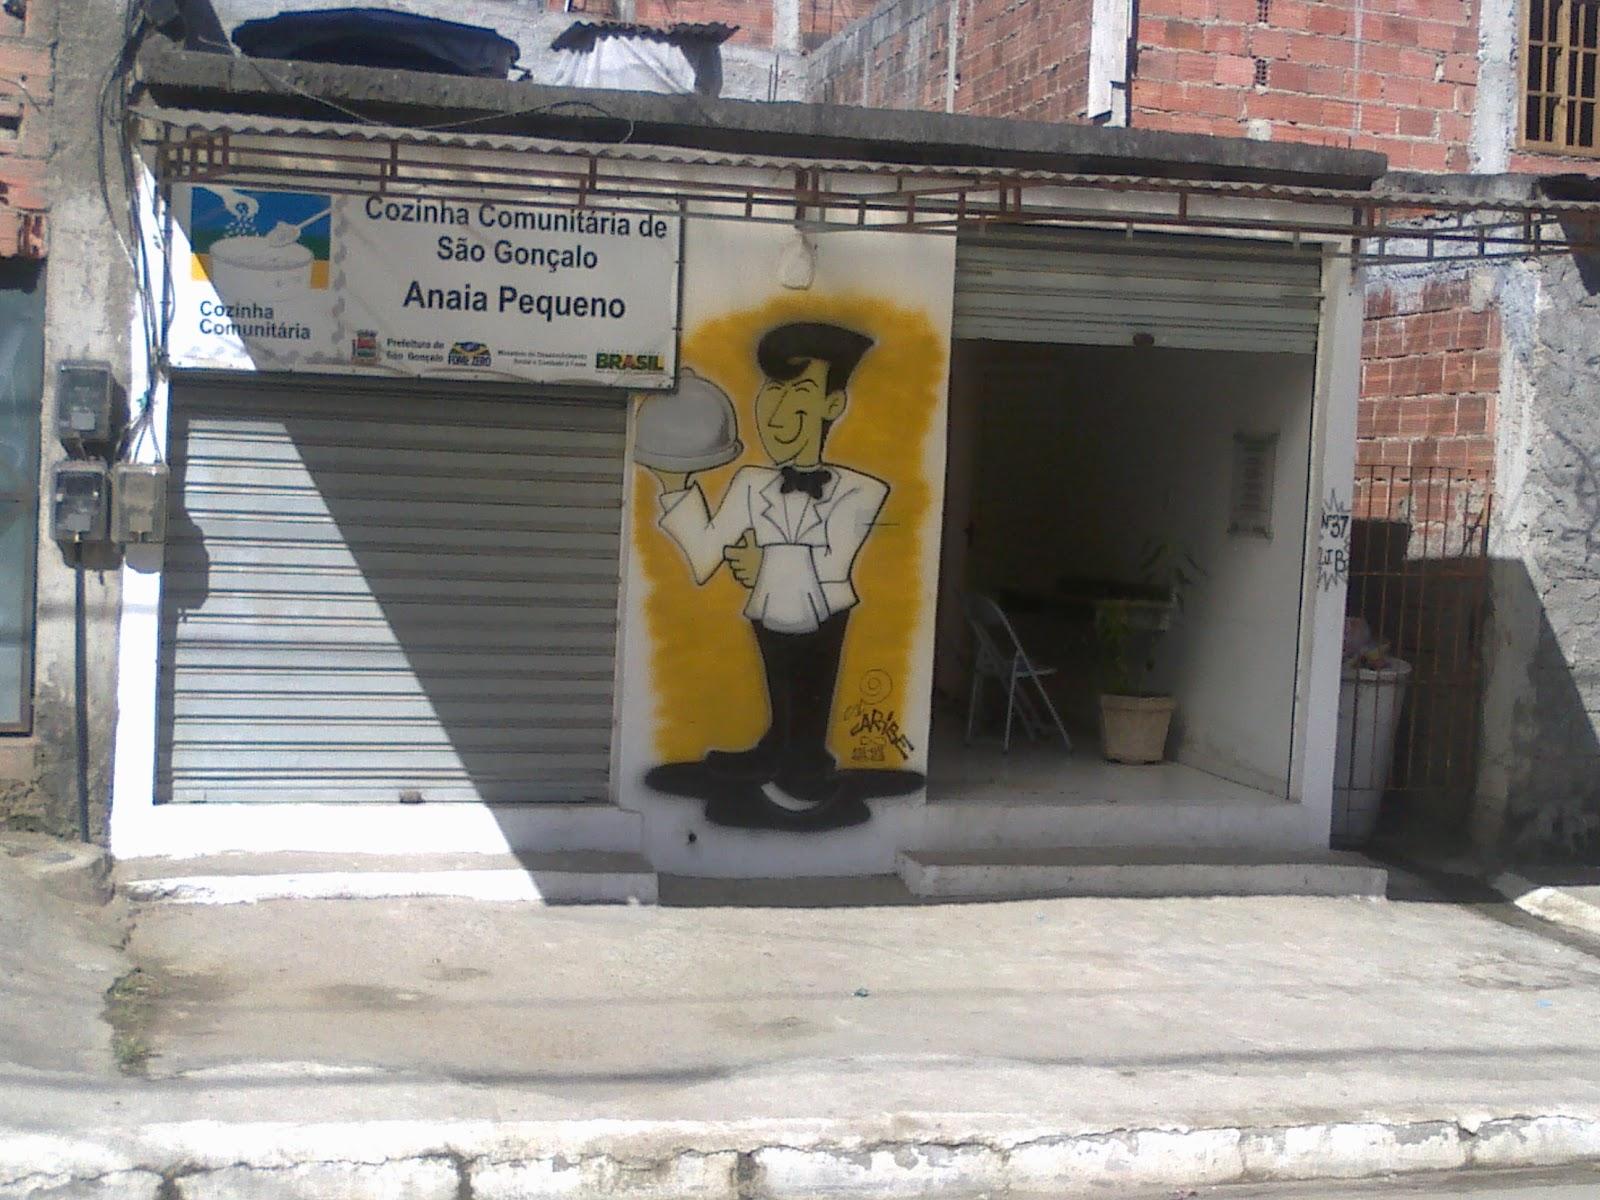 Cozinha Comunitária do Arsenal #7B6331 1600 1200